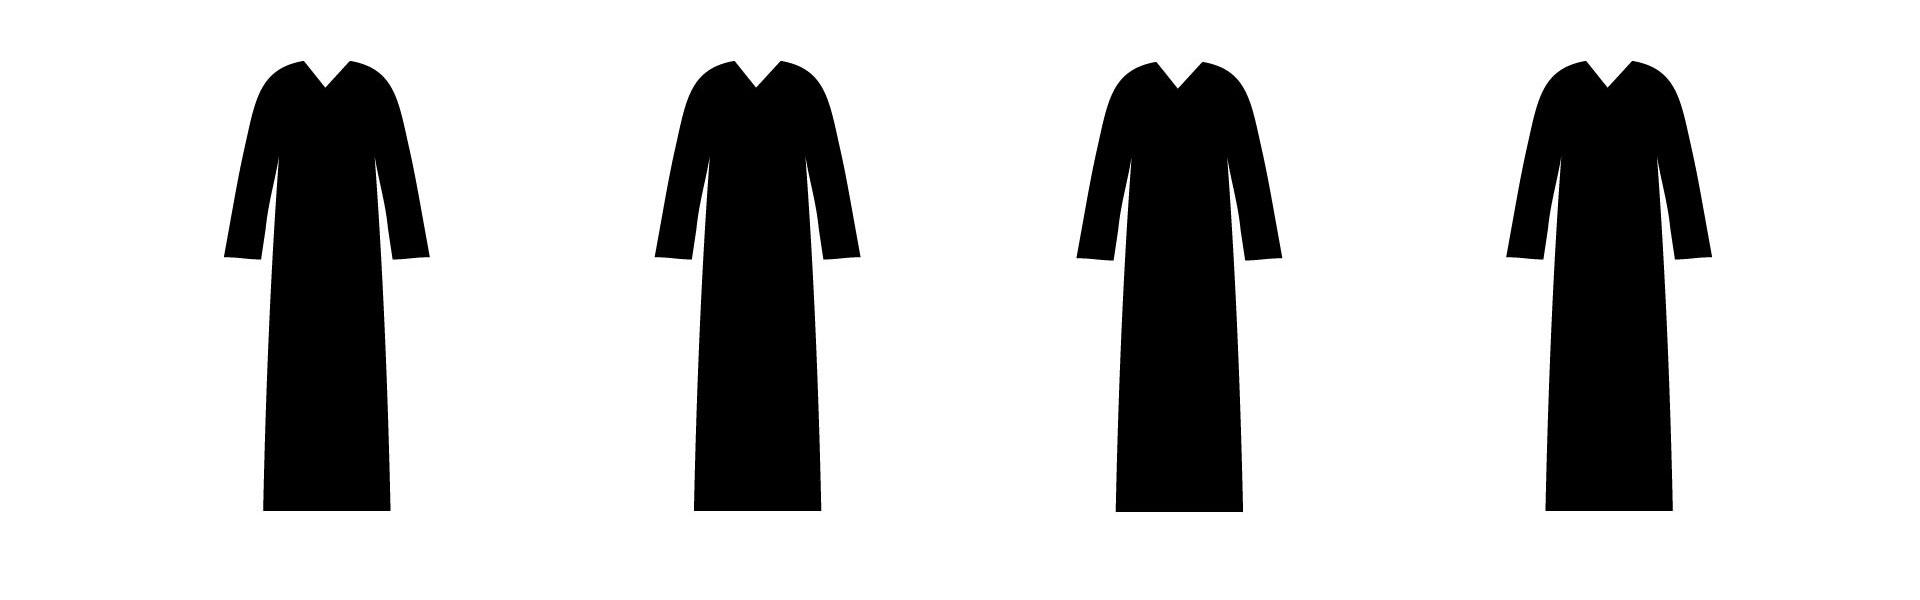 Plain Abayas